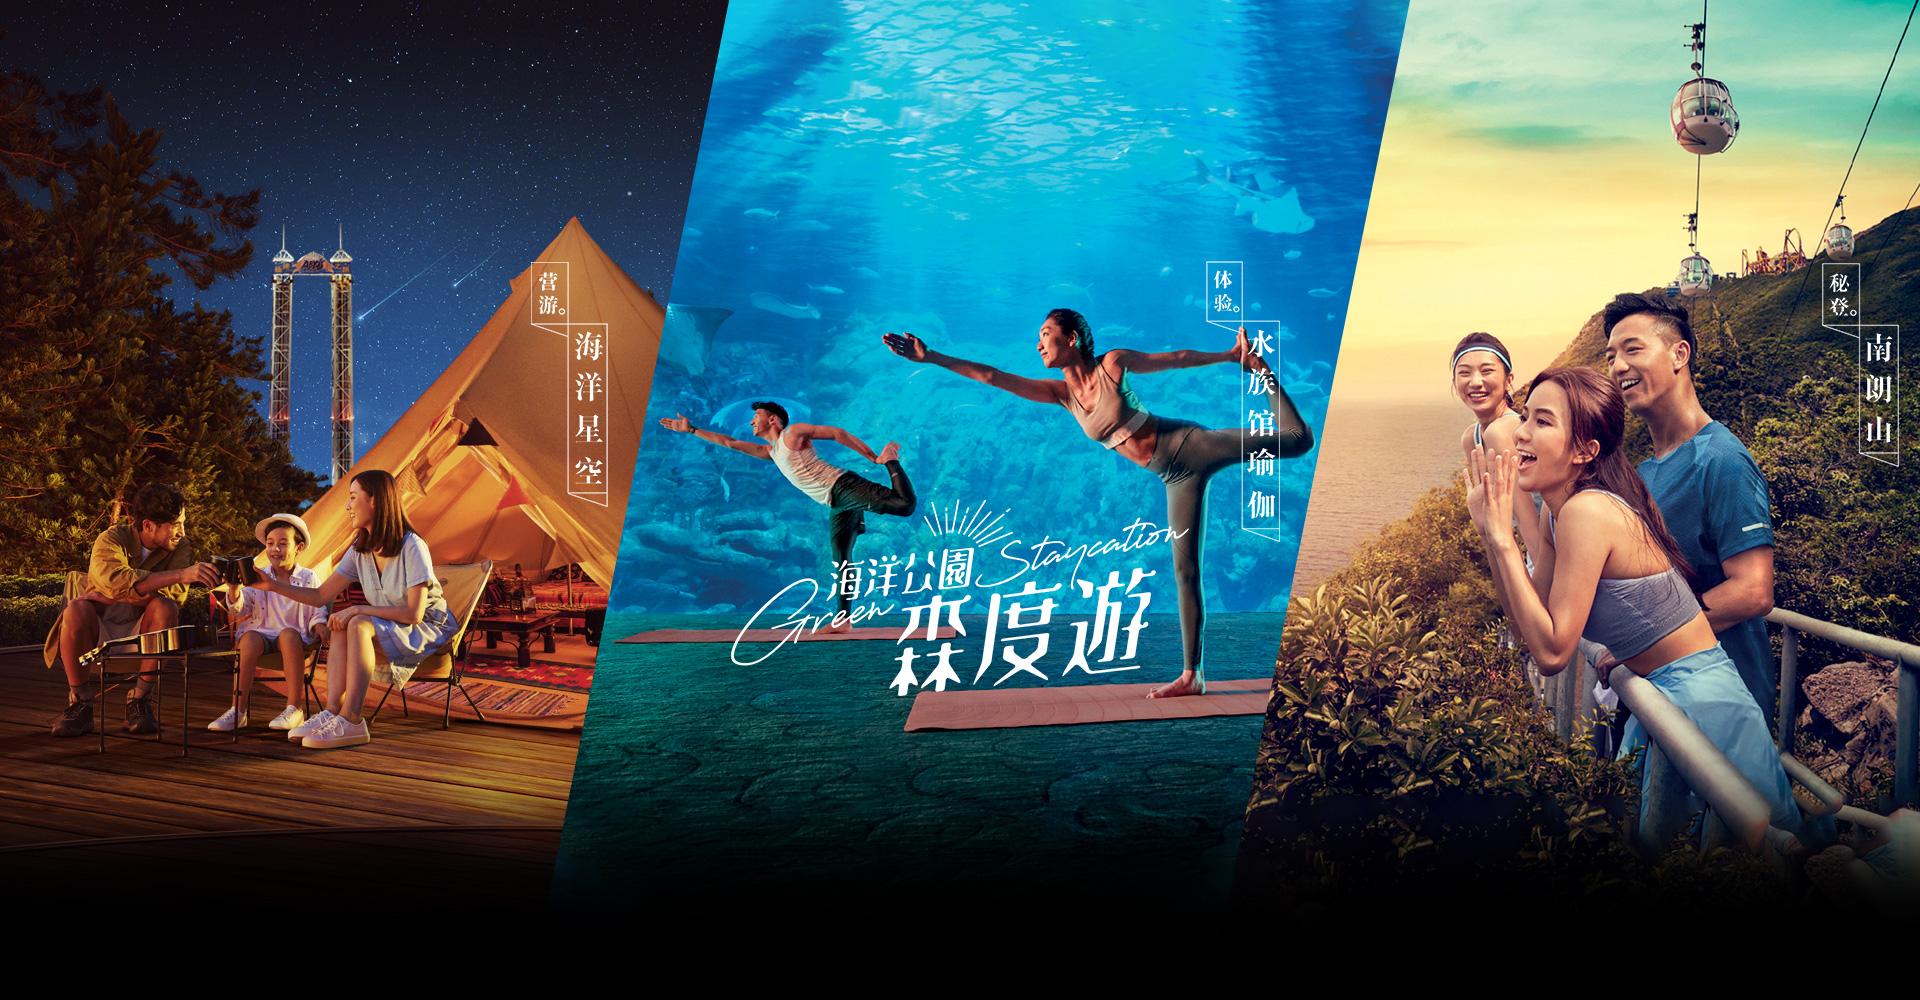 香港海洋公园森度游